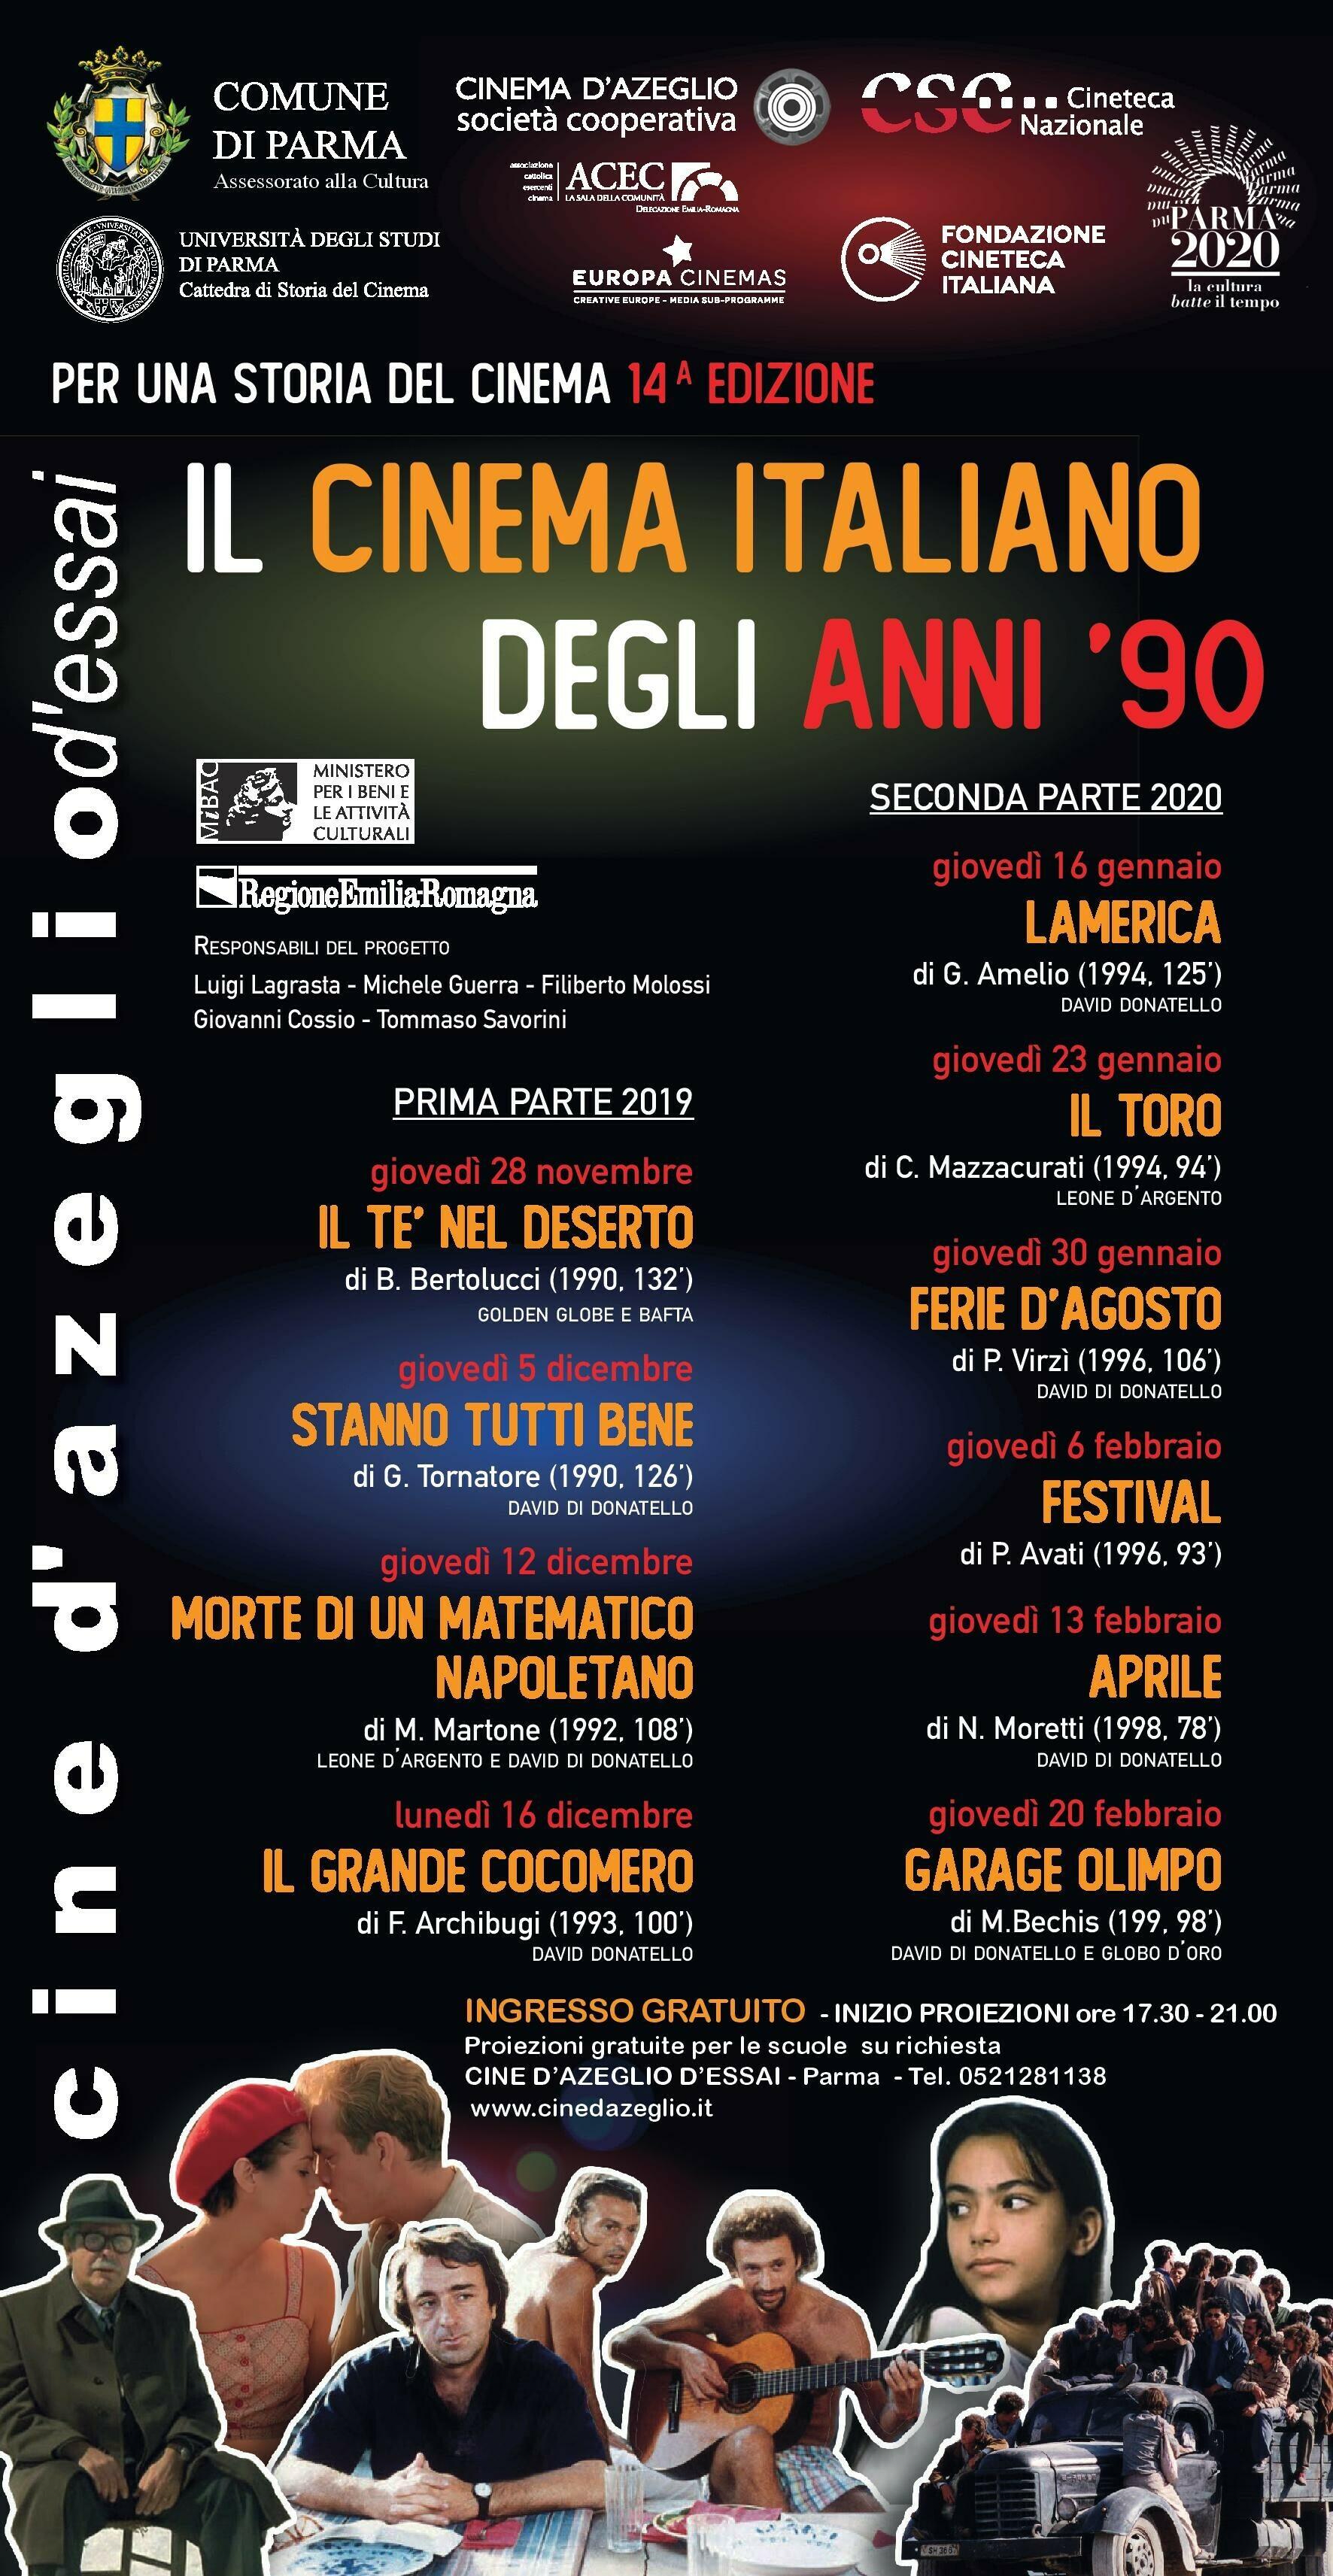 """""""Per una storia del cinema""""  L'AMERICA  di Gianni Amelio al Cinema D'Azeglio"""